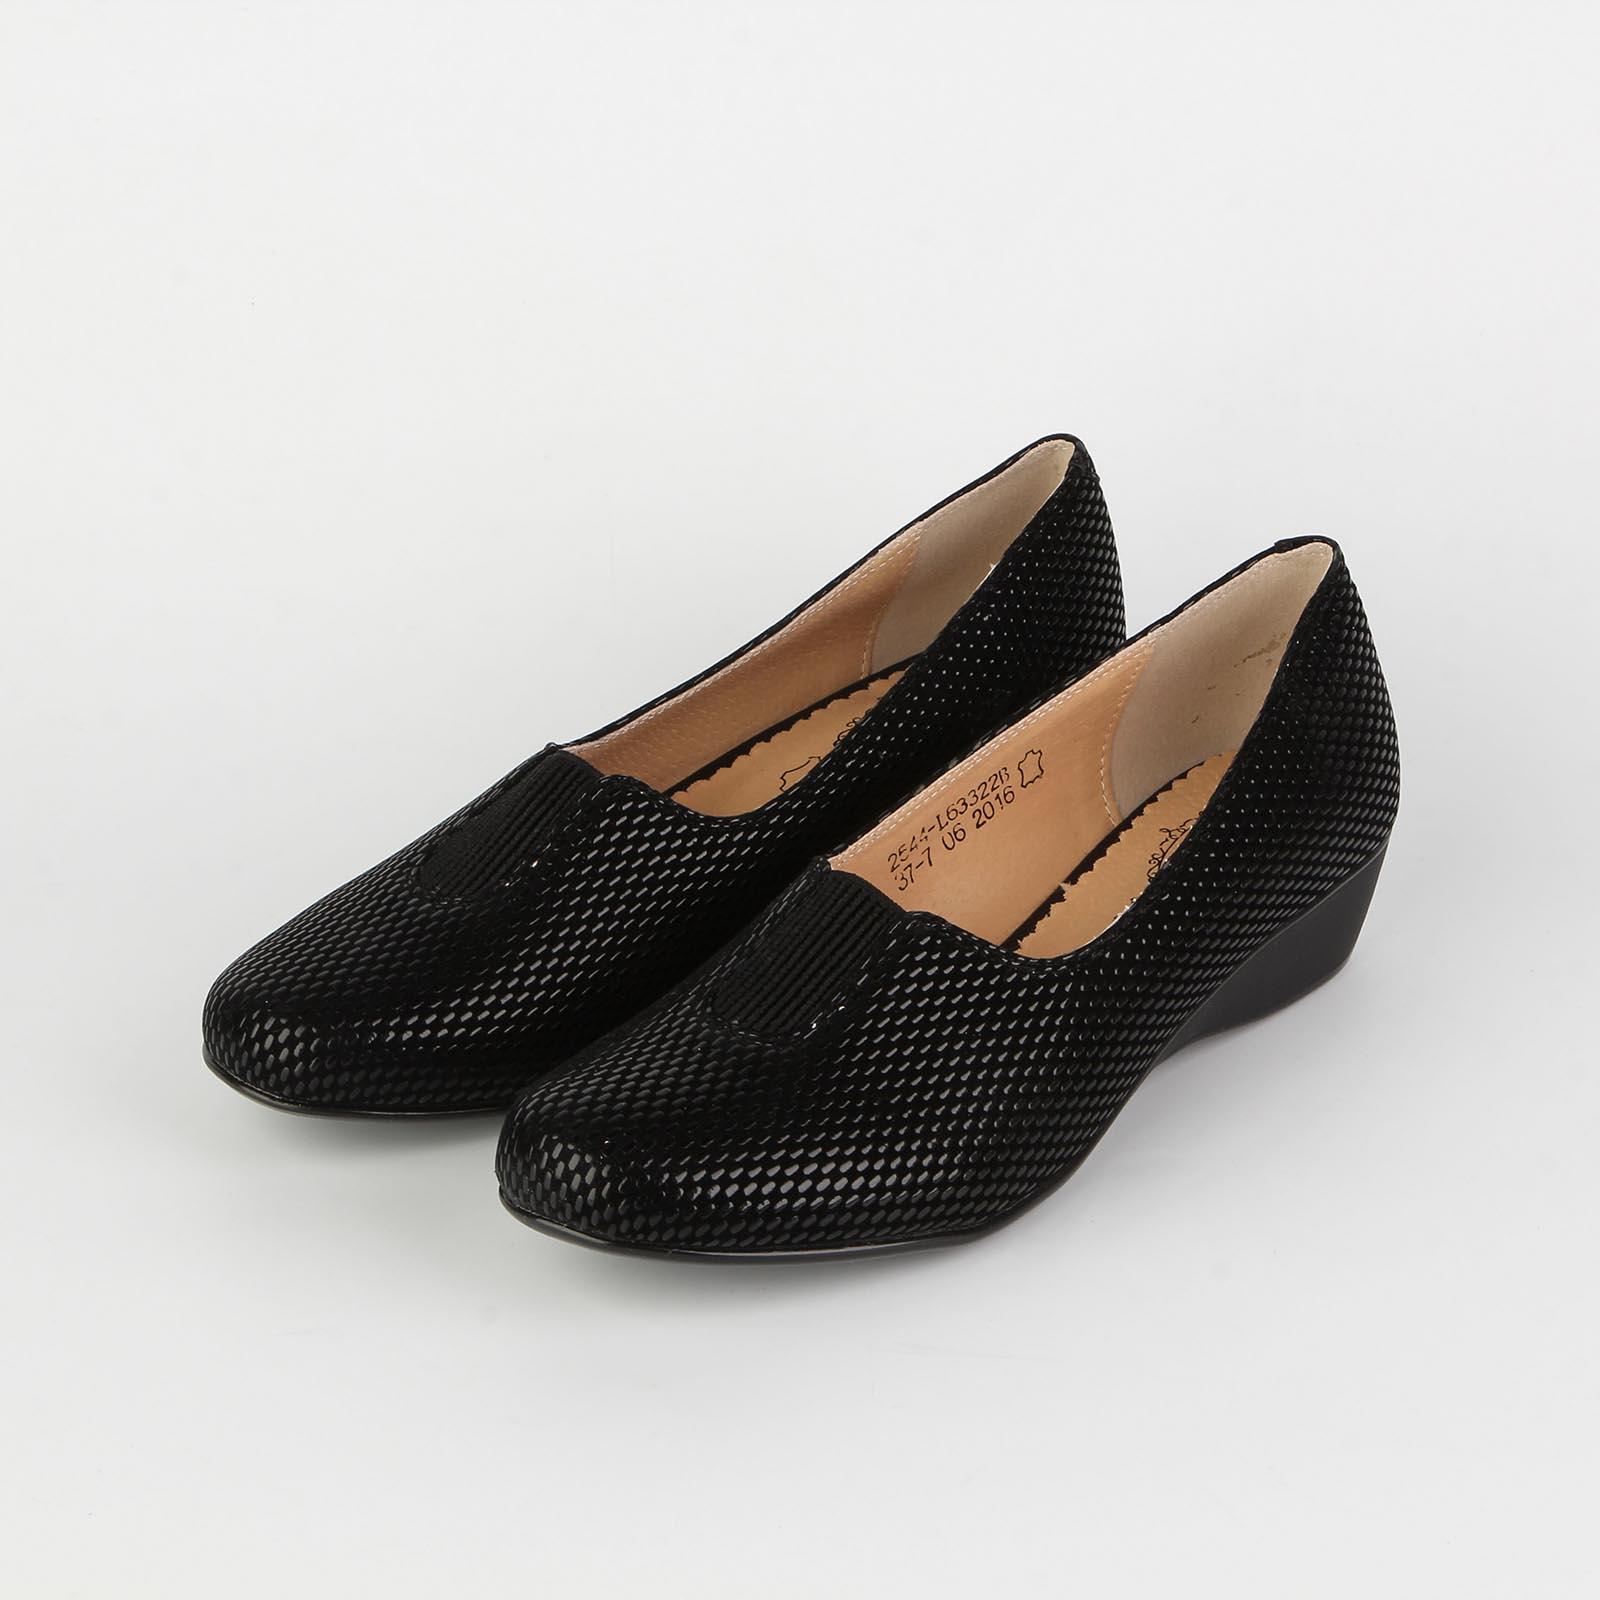 Туфли женские с декоративной перфорацией